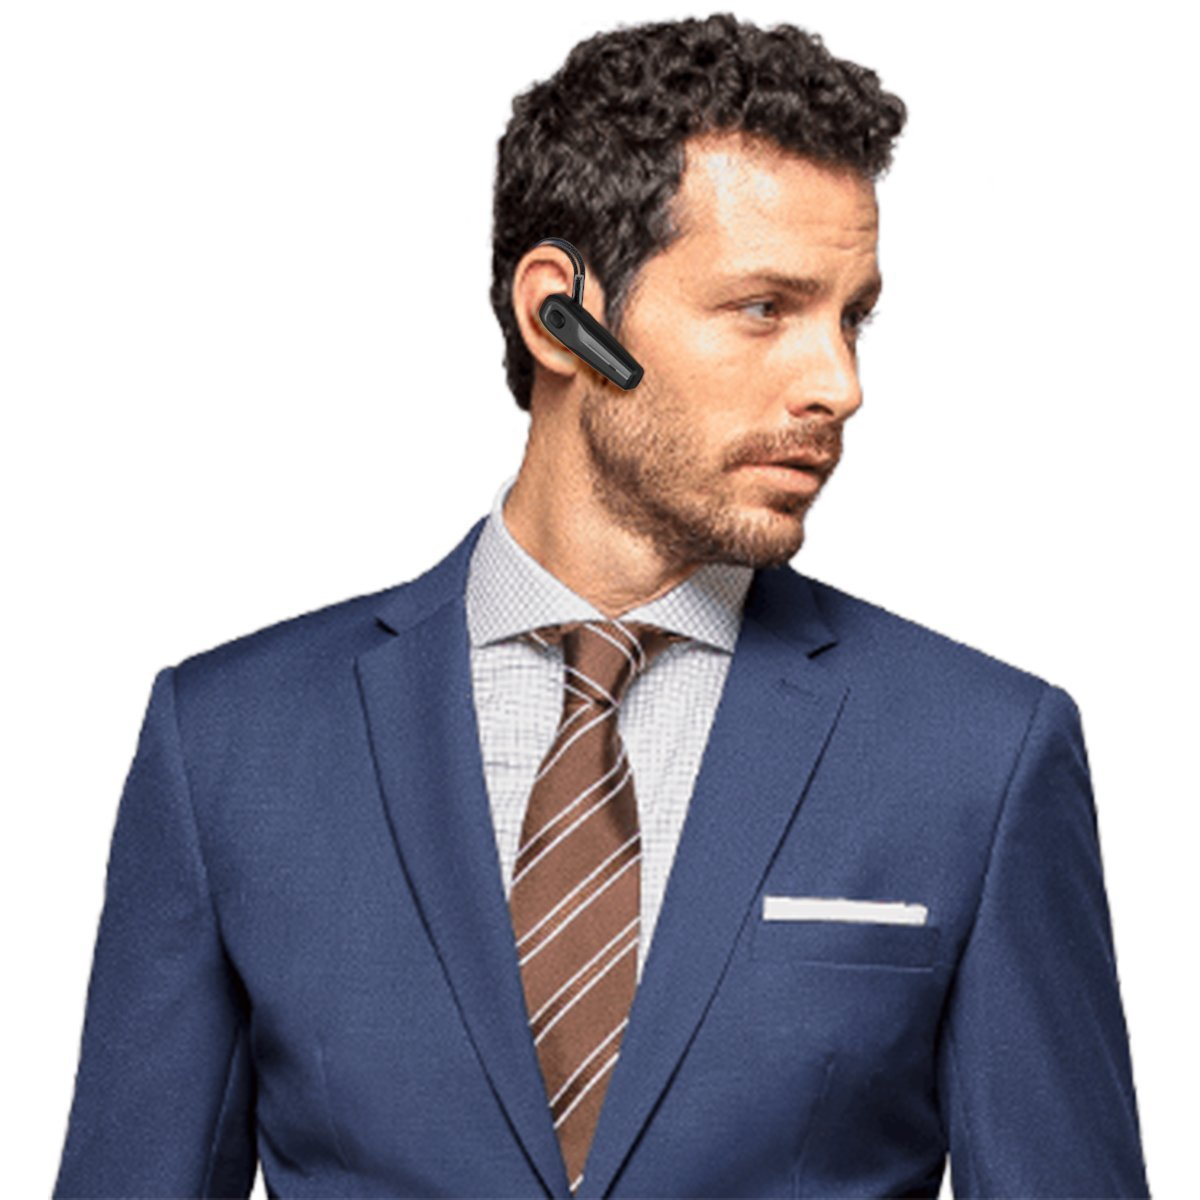 Bluetooth Headset, [New Version]V4.1 Drahtlos Kopfhörer Bluetooth Ohrhörer mit Mikrofon, Rauschunterdrückung Funk-kopfhörer für LKW-Fahrer, Wireless Headset für iPhone Android Handys Hörmuschel (Black_SEED)